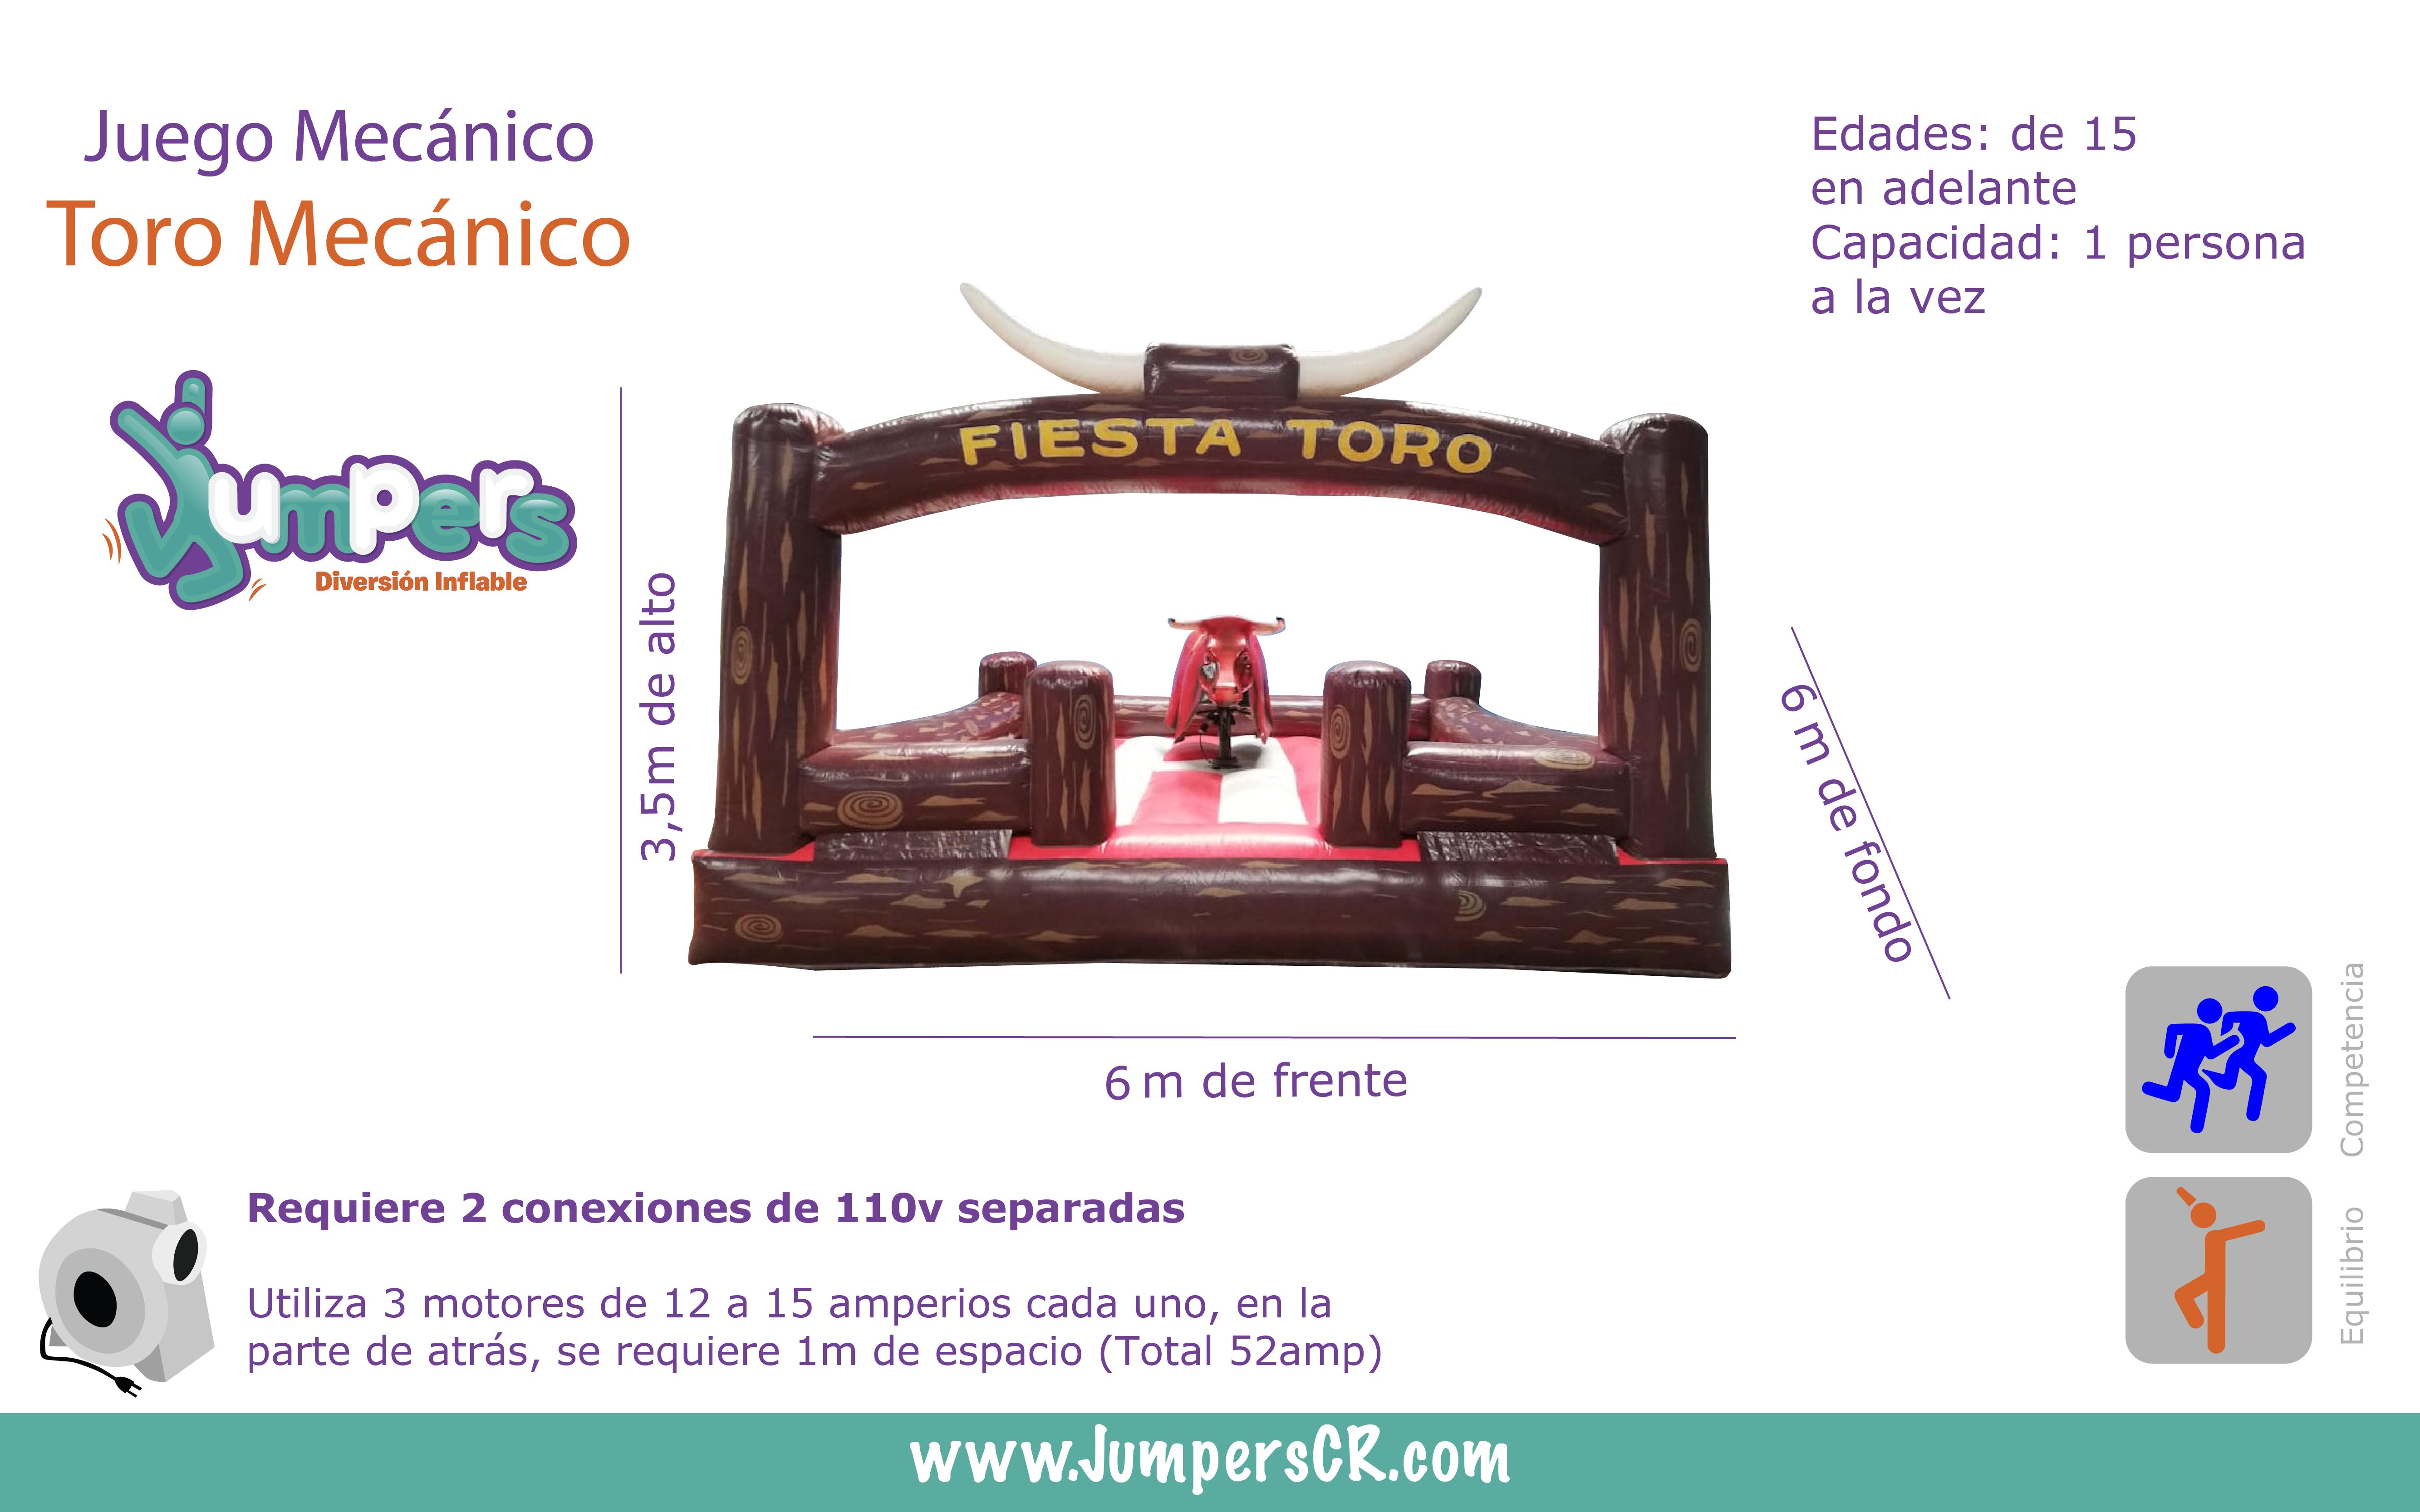 Fichas_Técnicas_Juego_Mecánico_Toro